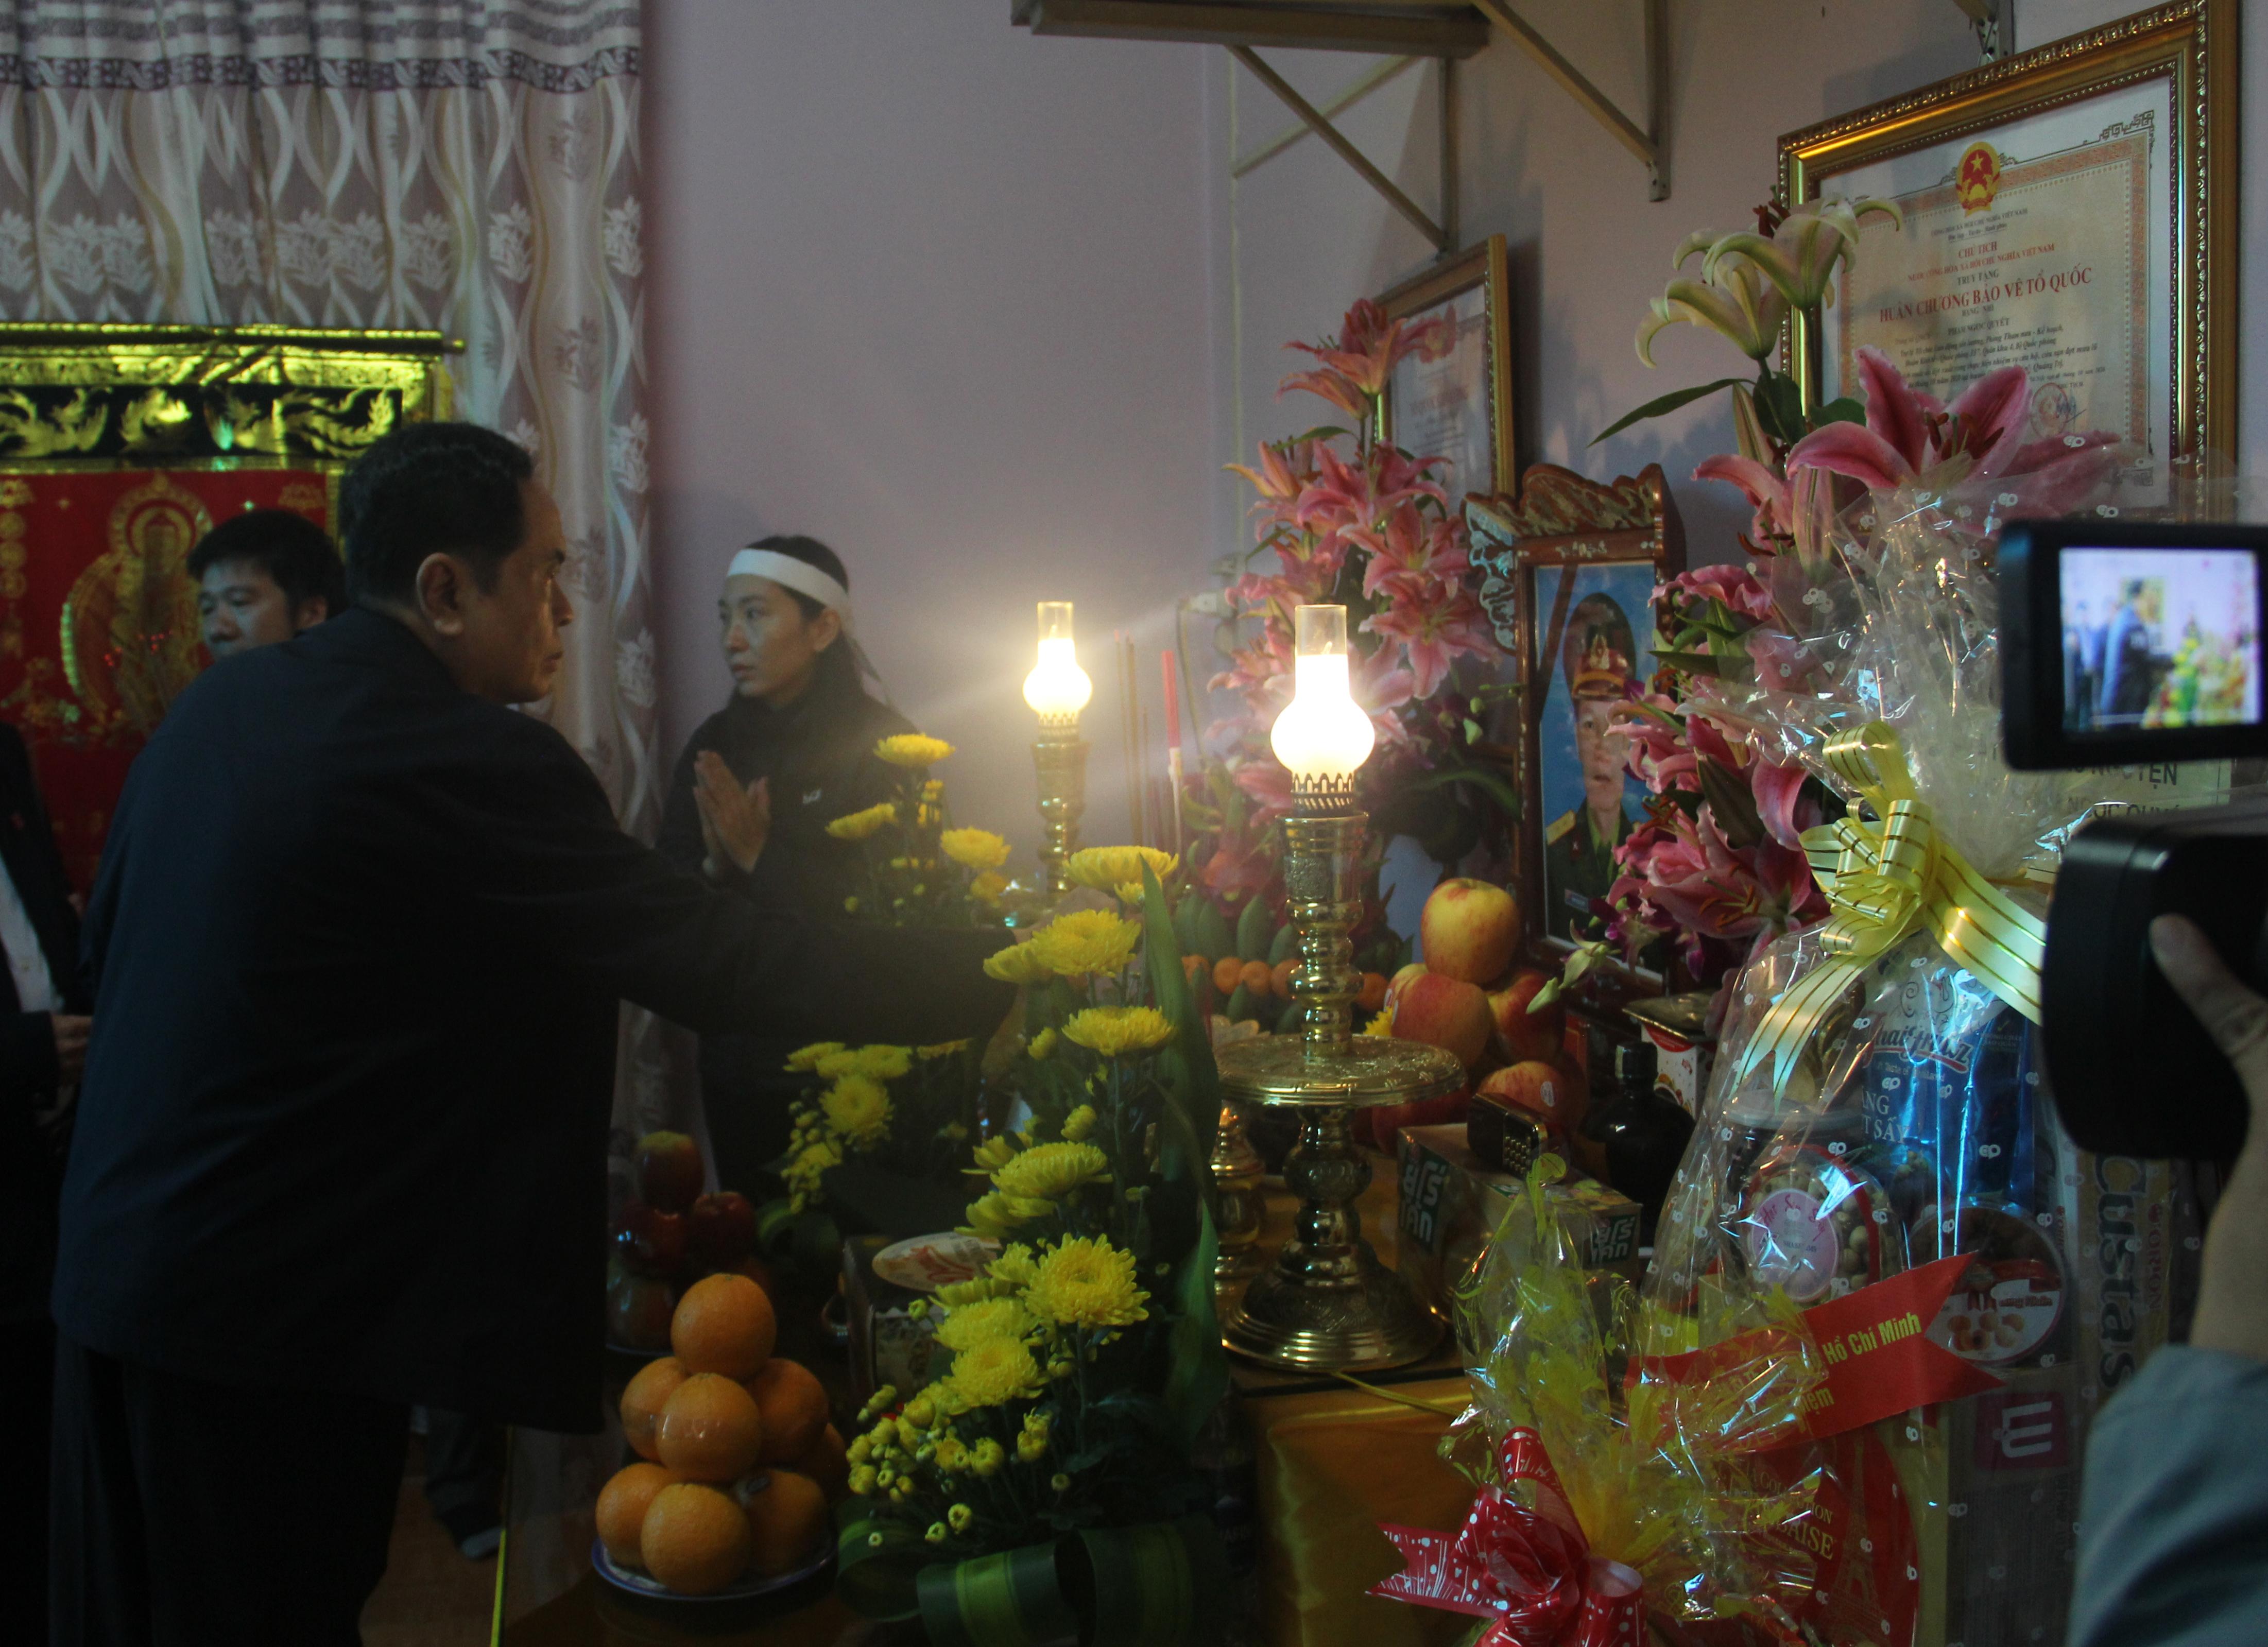 Chủ tịch Trần Thanh Mẫn đến thăm và dâng hương 2 liệt sĩ Bùi Phi Công và Phạm Ngọc Quyết hy sinh trong lúc làm nhiệm vụ cứu hộ, cứu nạn trong đợt bão lũ tháng 10 vừa qua.